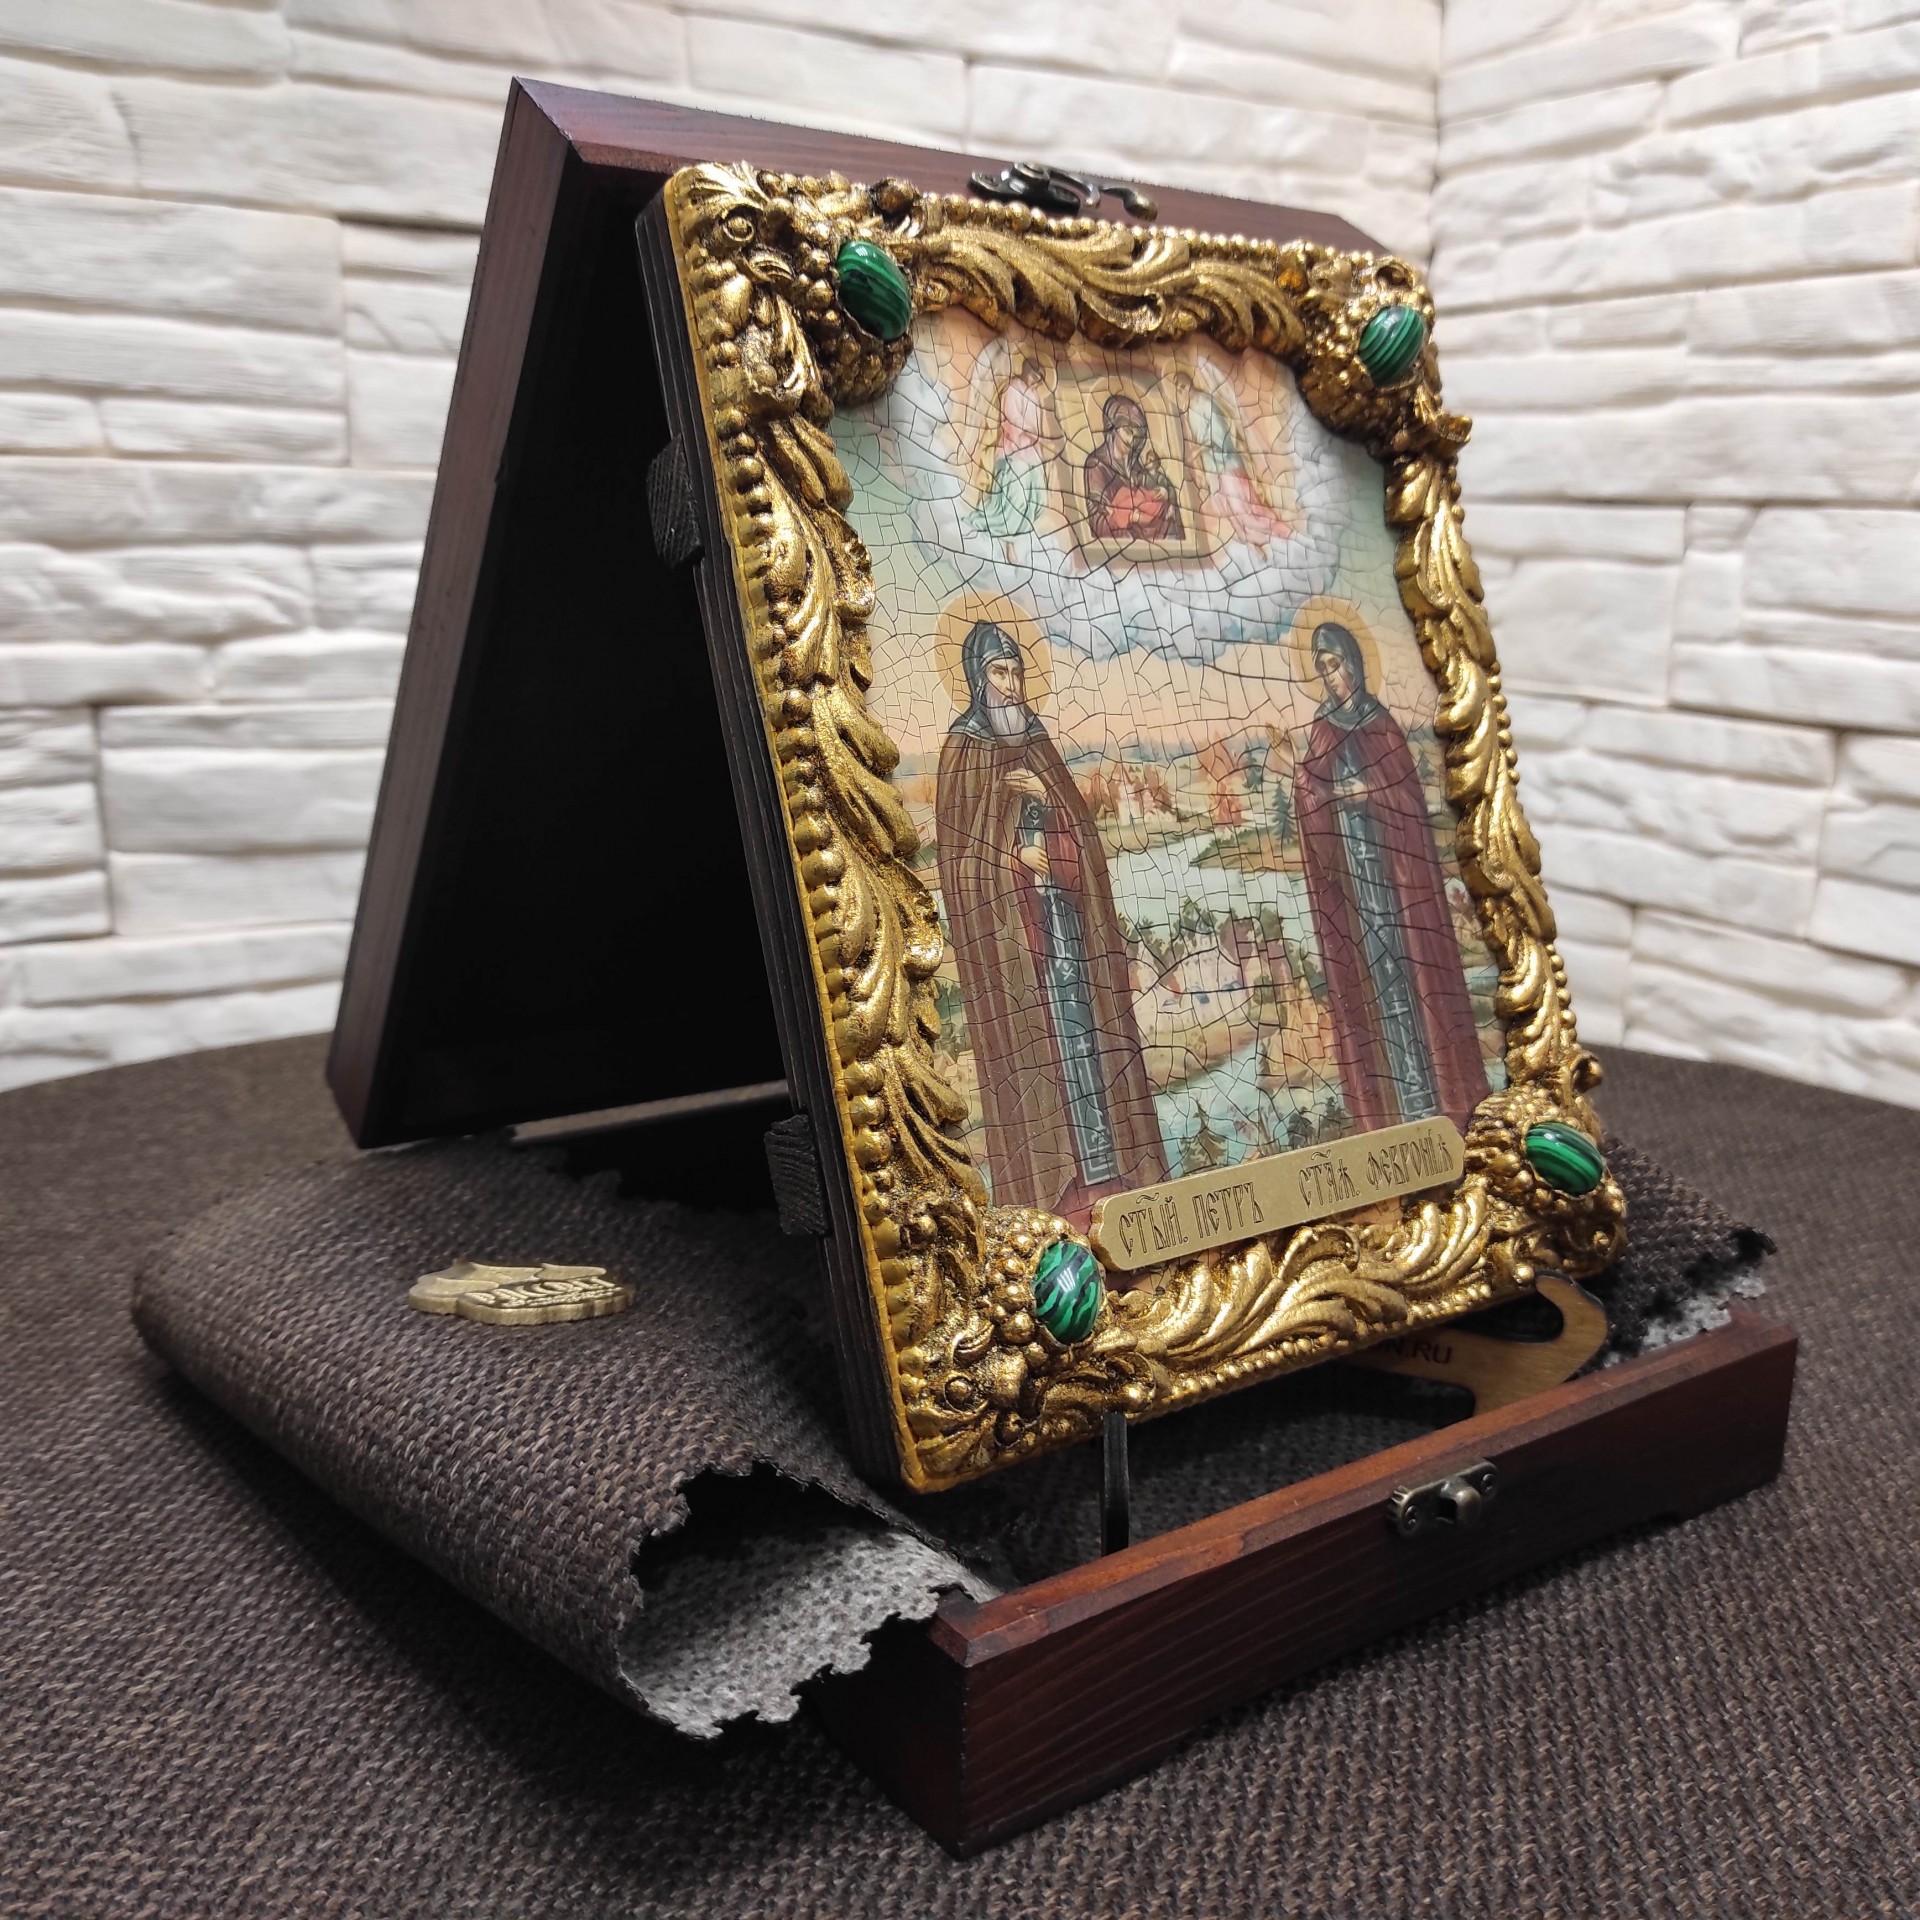 Фото иконы под старину Петра и Февронии с иглицами и зелеными камнями